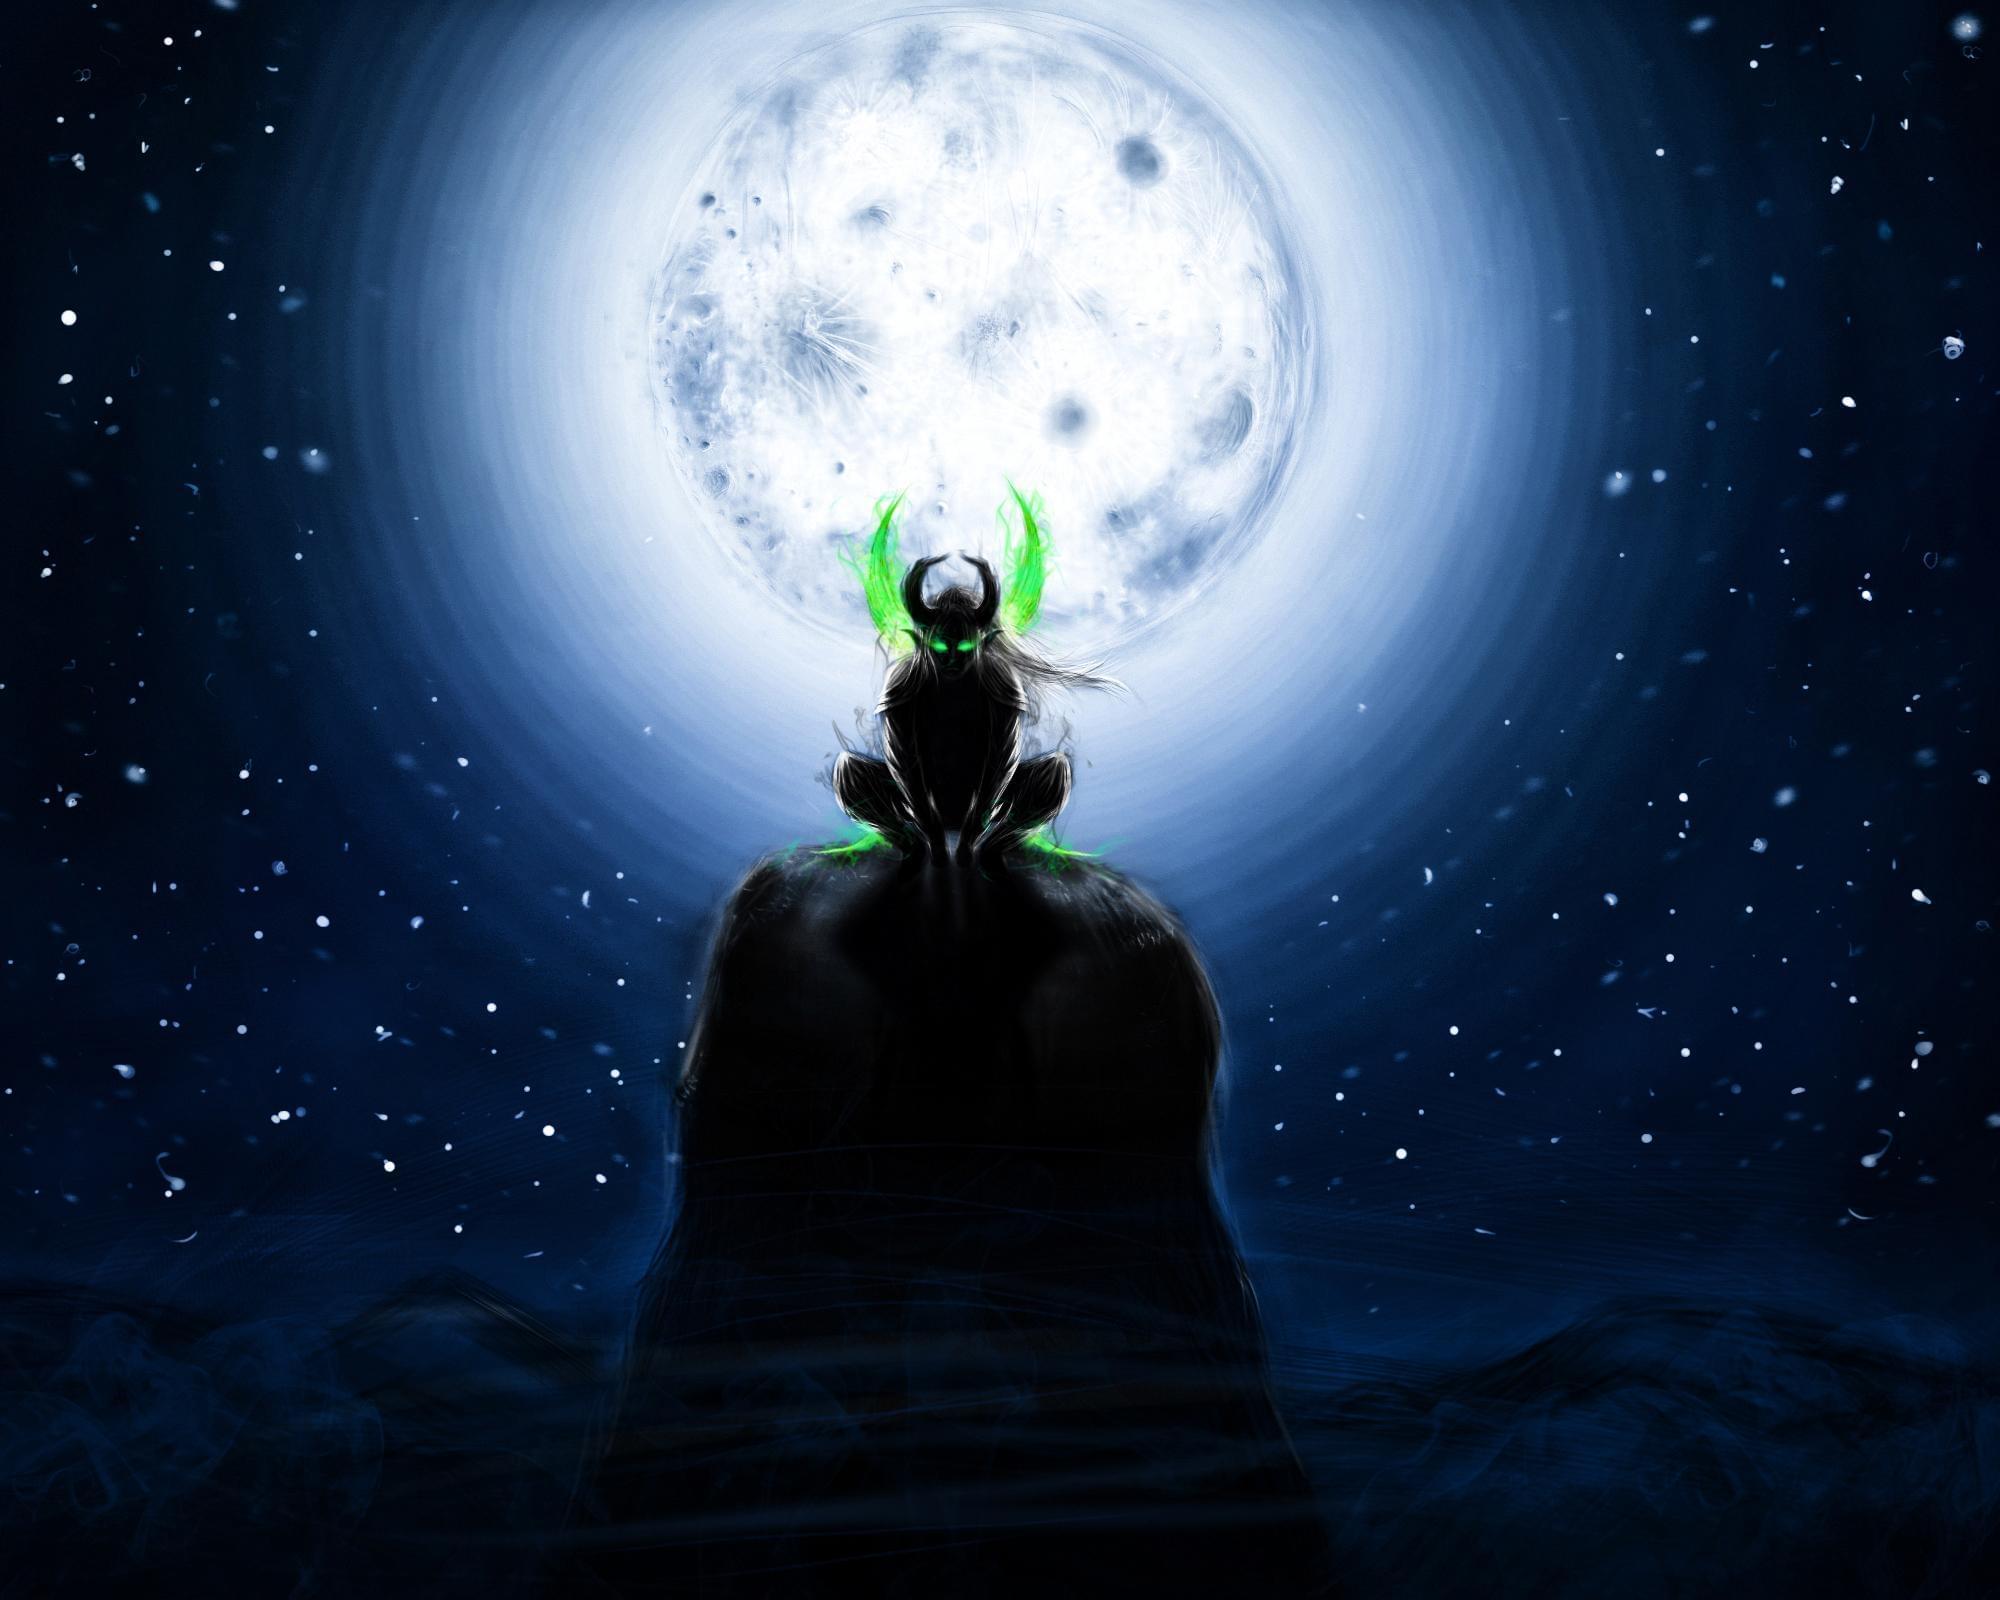 魔兽玩家原创画作:月下的忍者恶魔猎手